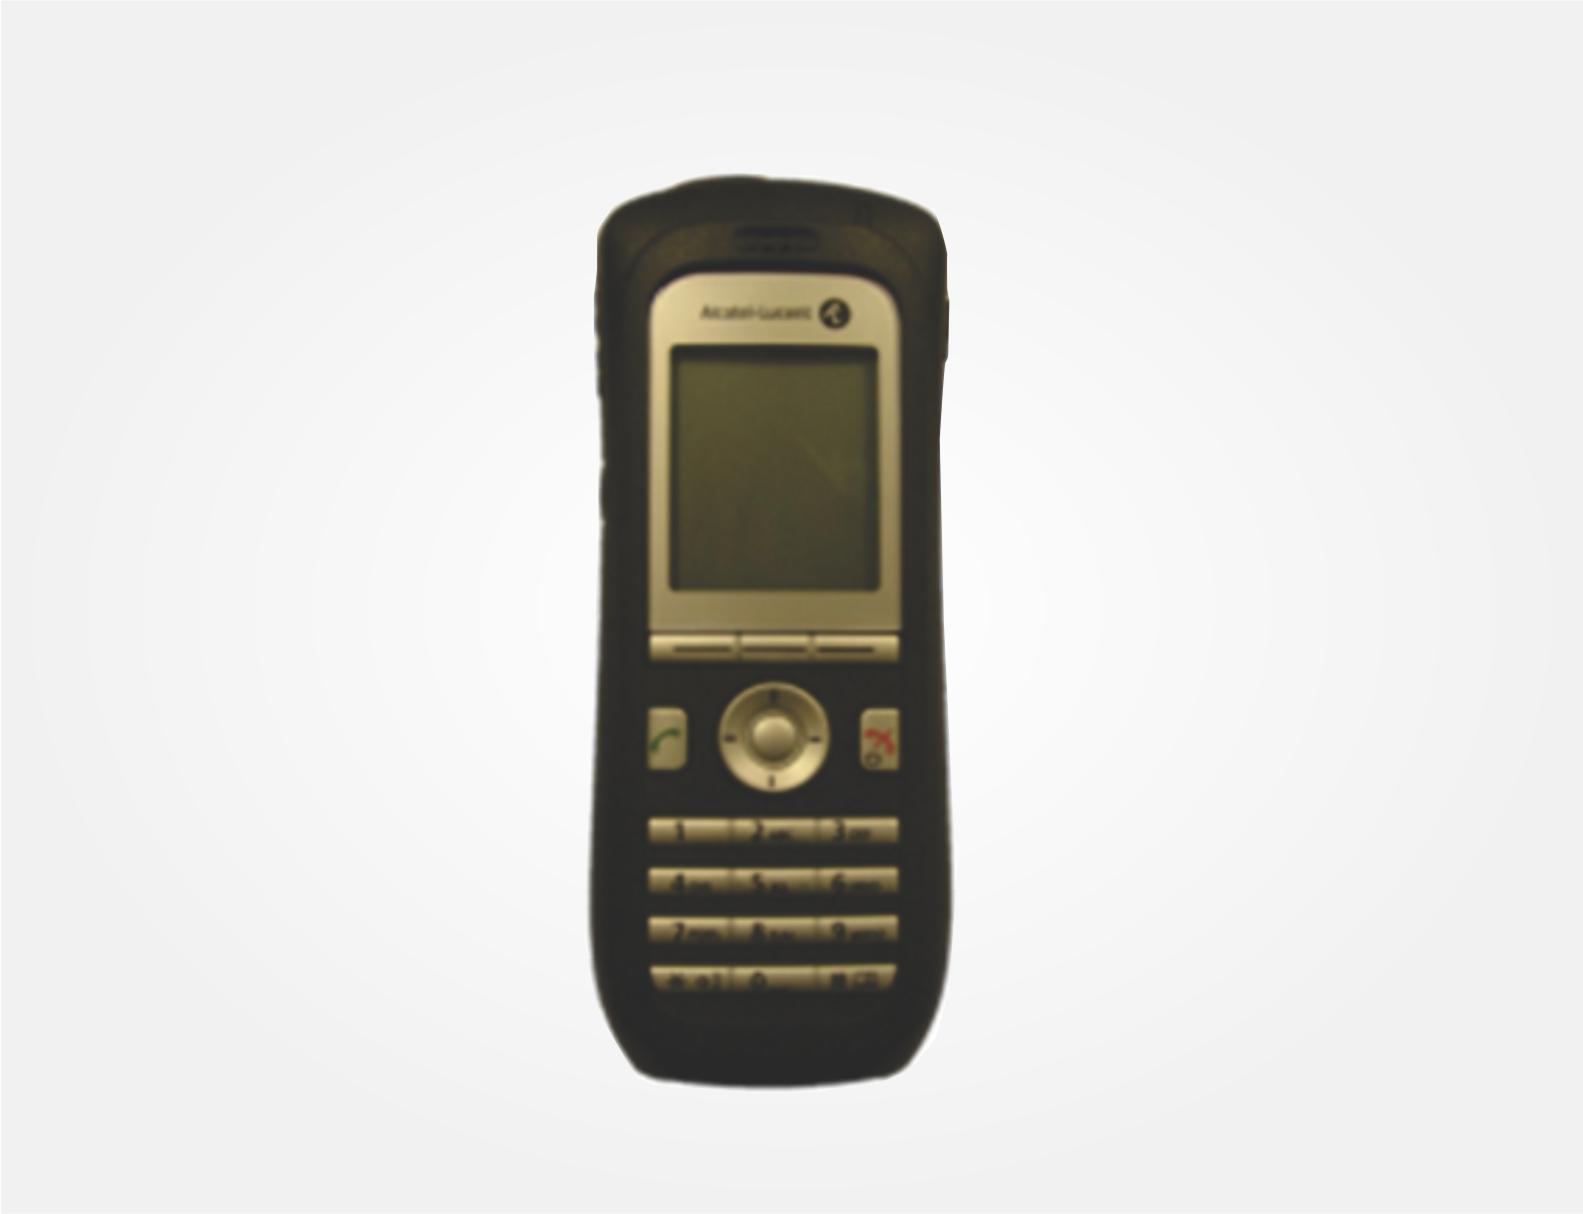 Telefone 8118